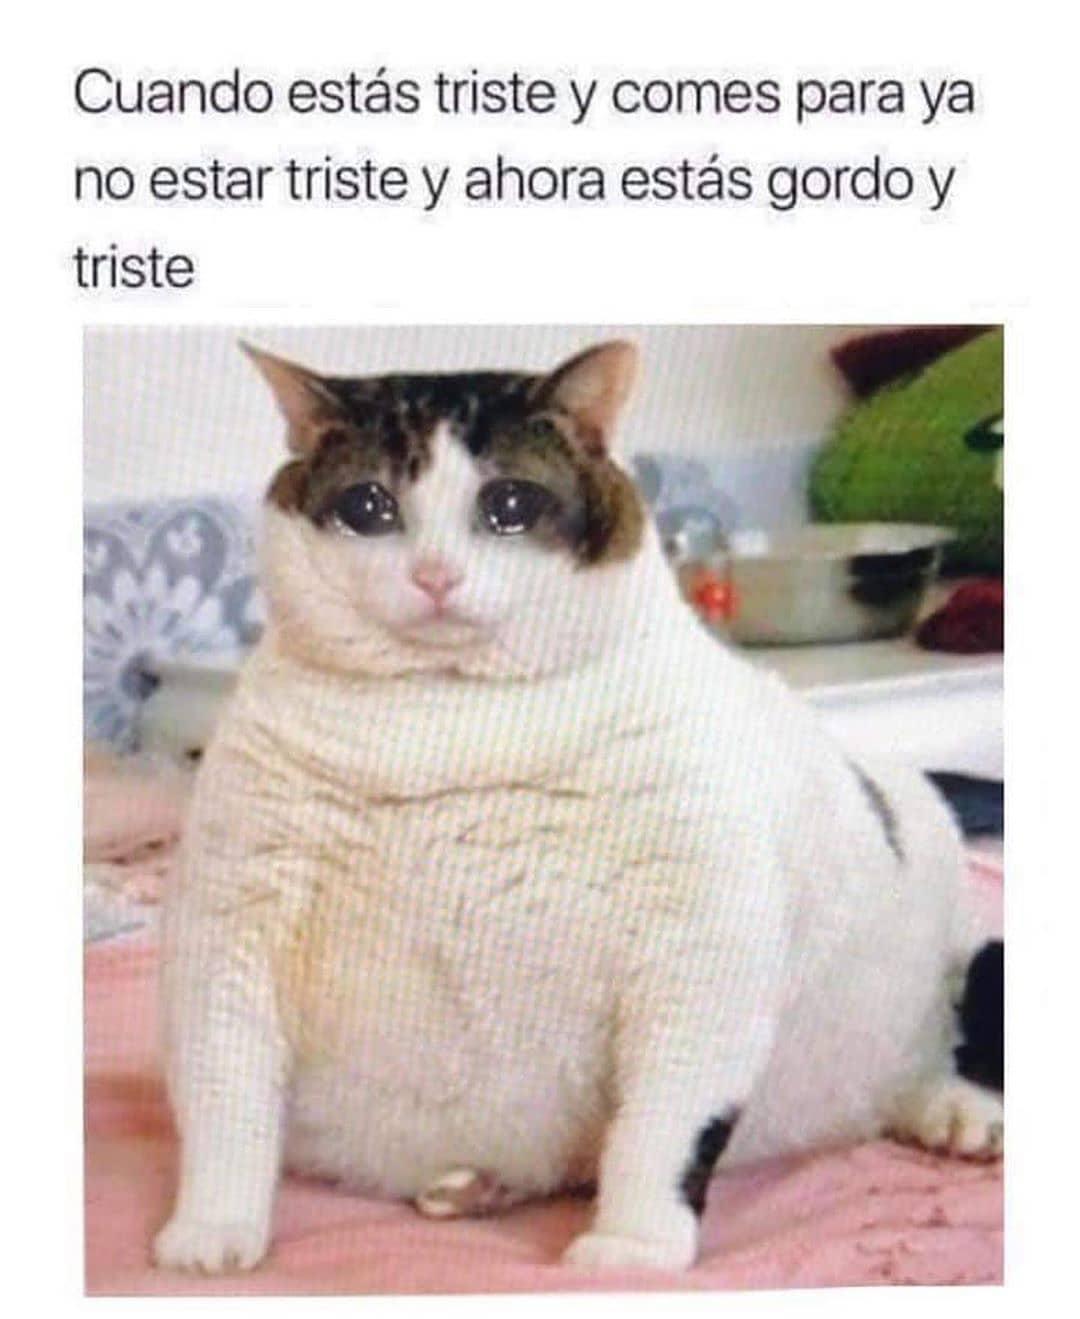 Cuando estás triste y comes para ya no estar triste y ahora estás gordo y triste.